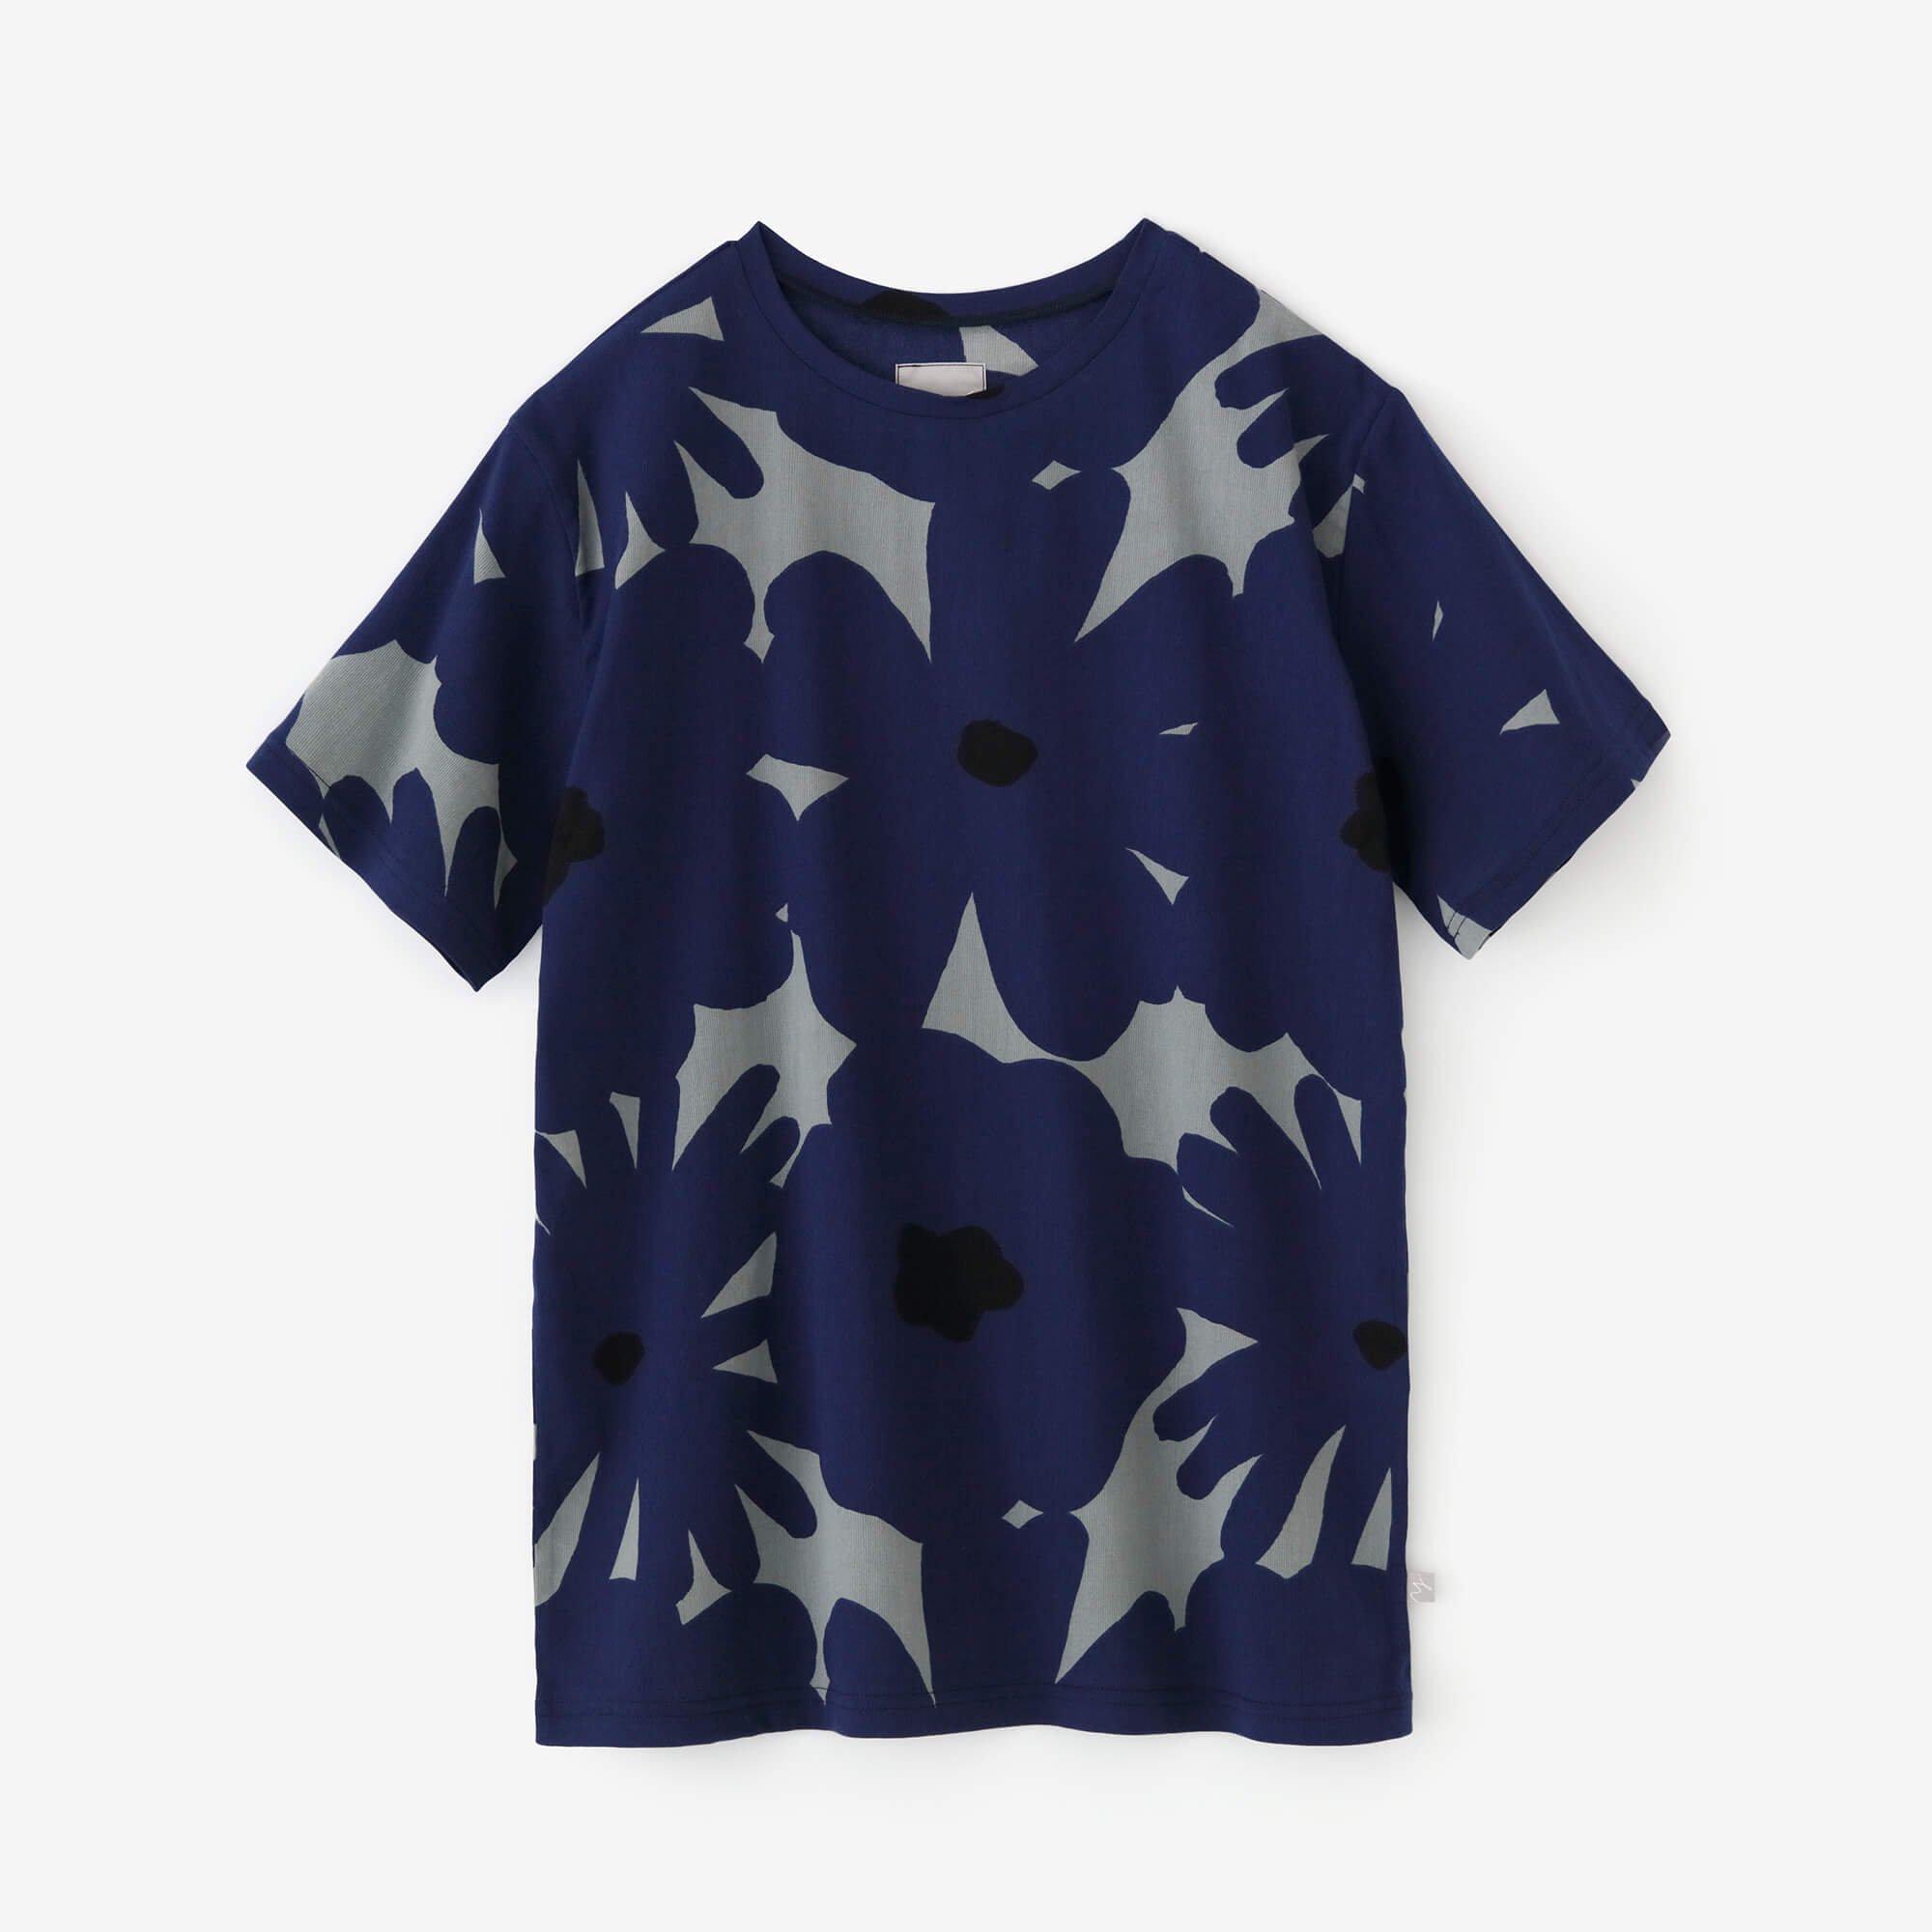 高島縮 半袖Tシャツ/おおらか 利休鼠×群青色(りきゅうねず×ぐんじょういろ)